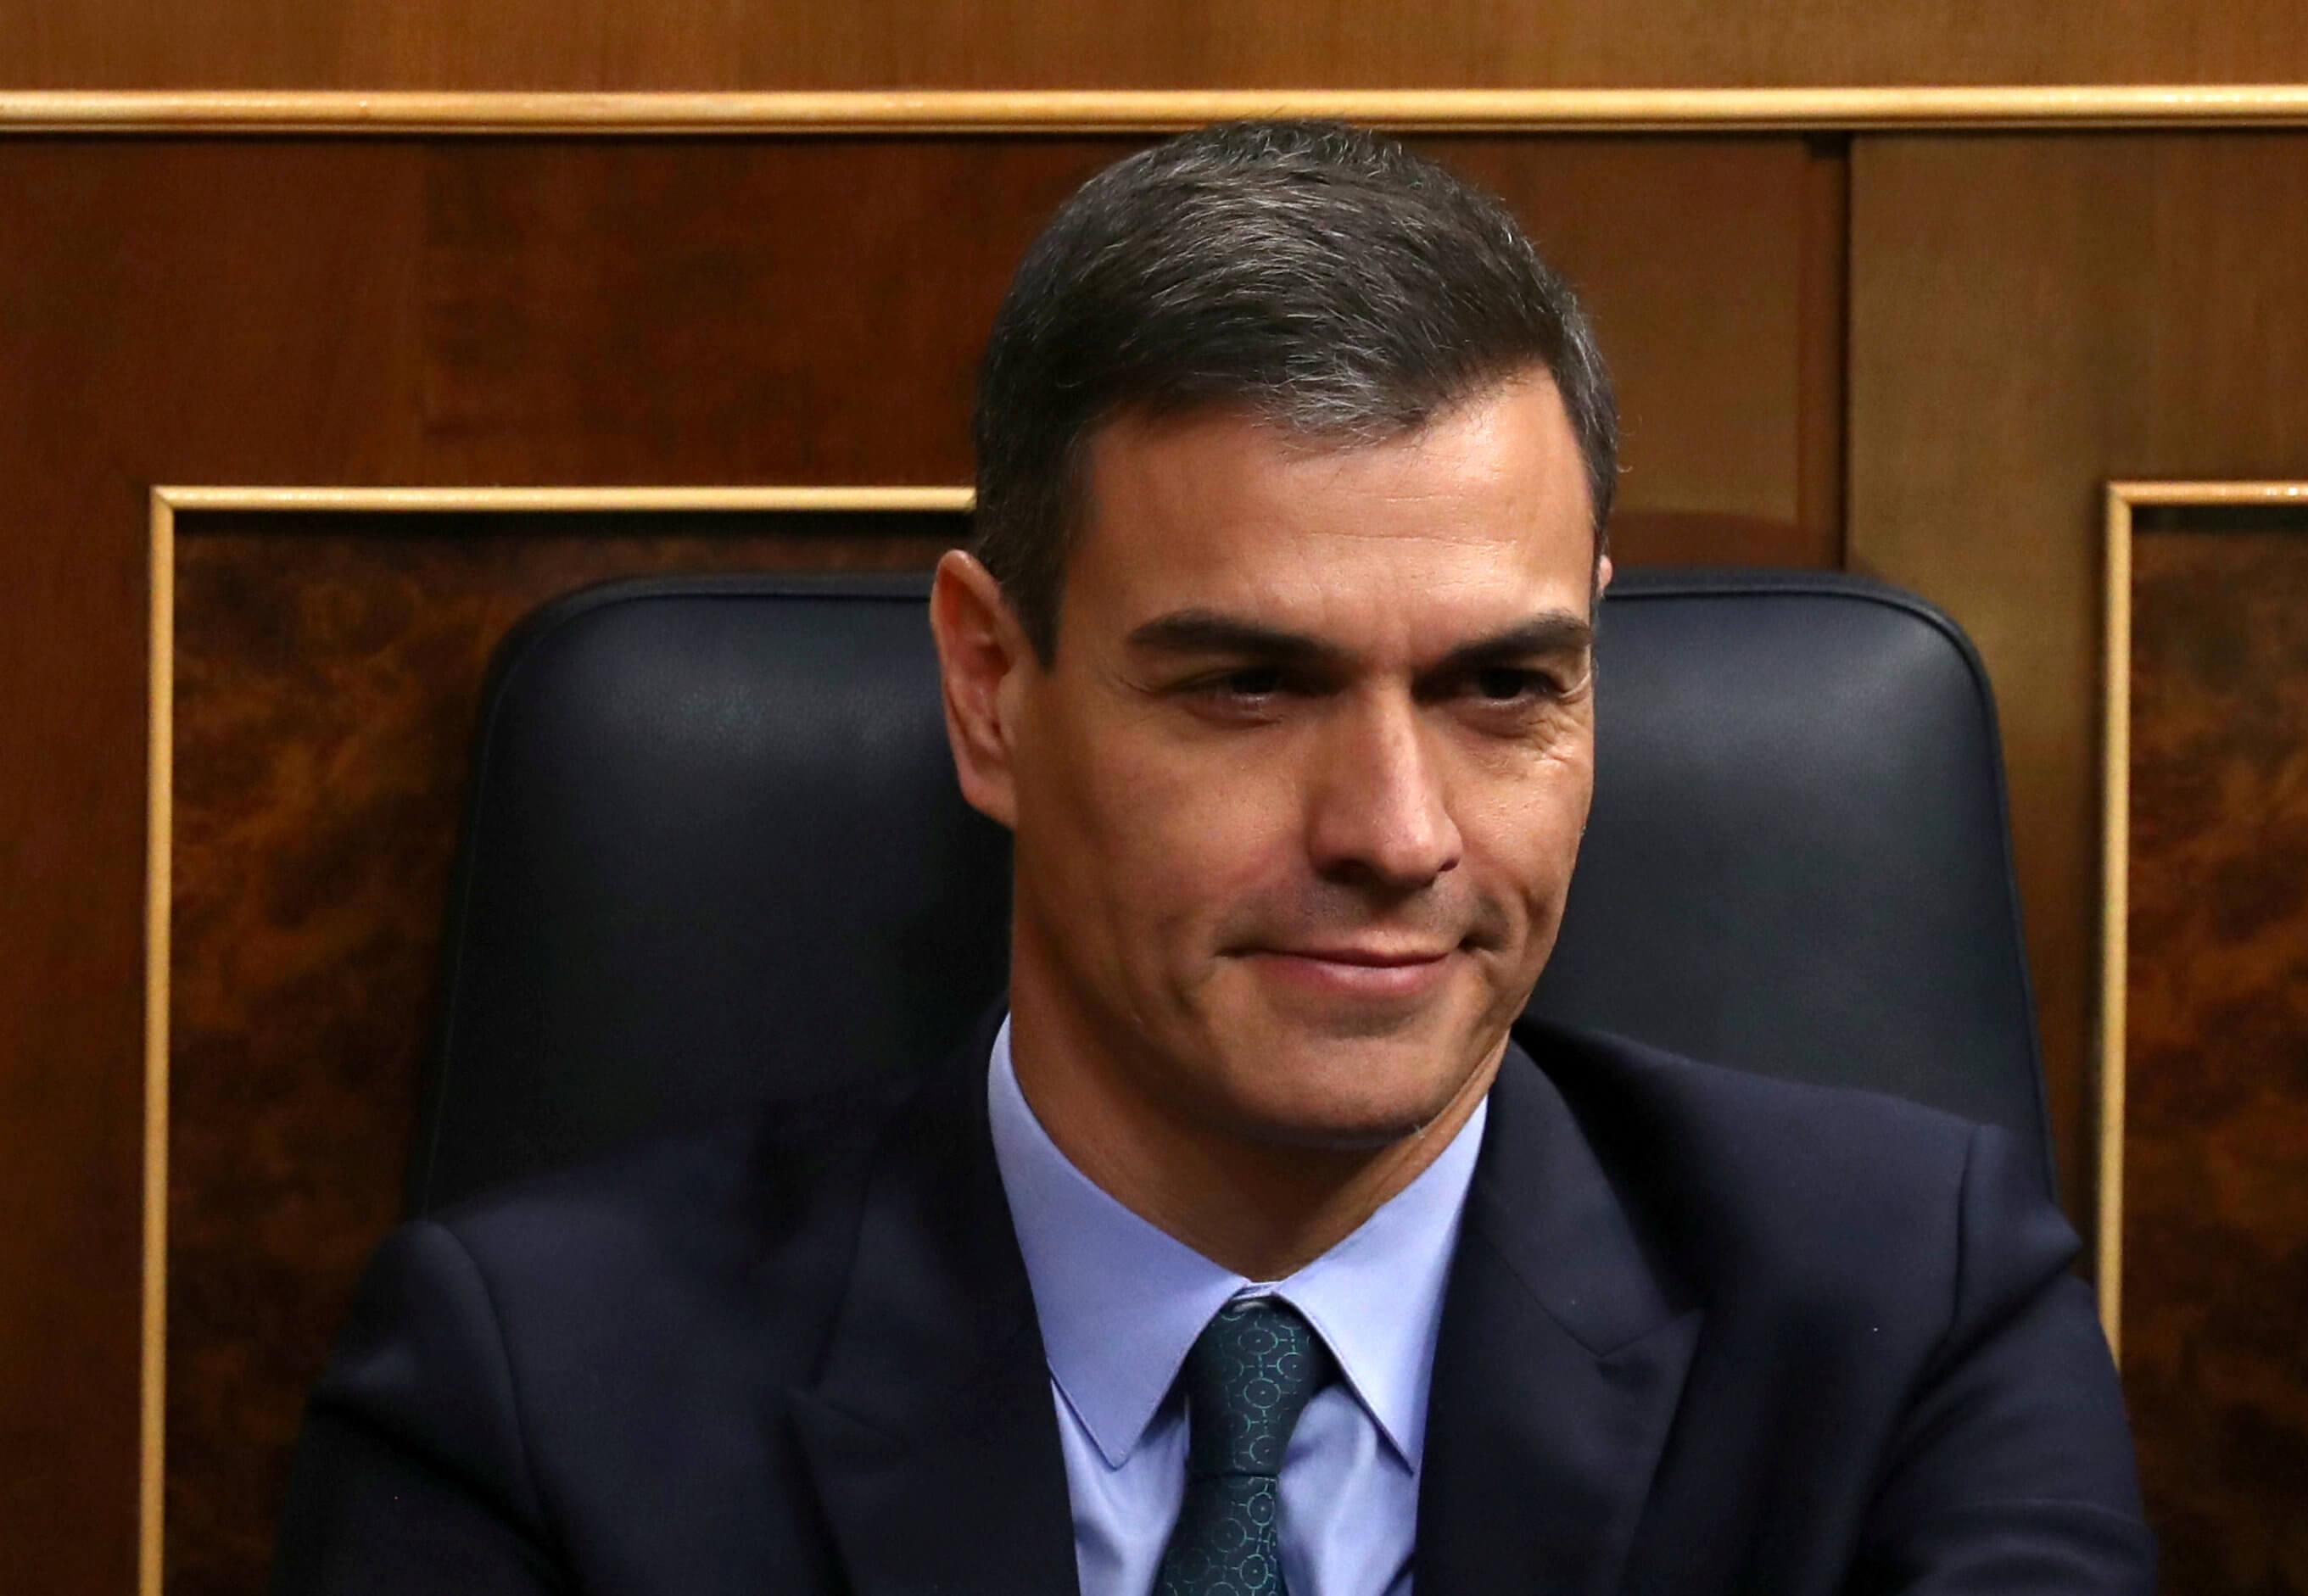 Ισπανία: Πολιτικός πυρετός εν όψει εκλογών – Μετεγγραφές στελεχών στο… παρά 5